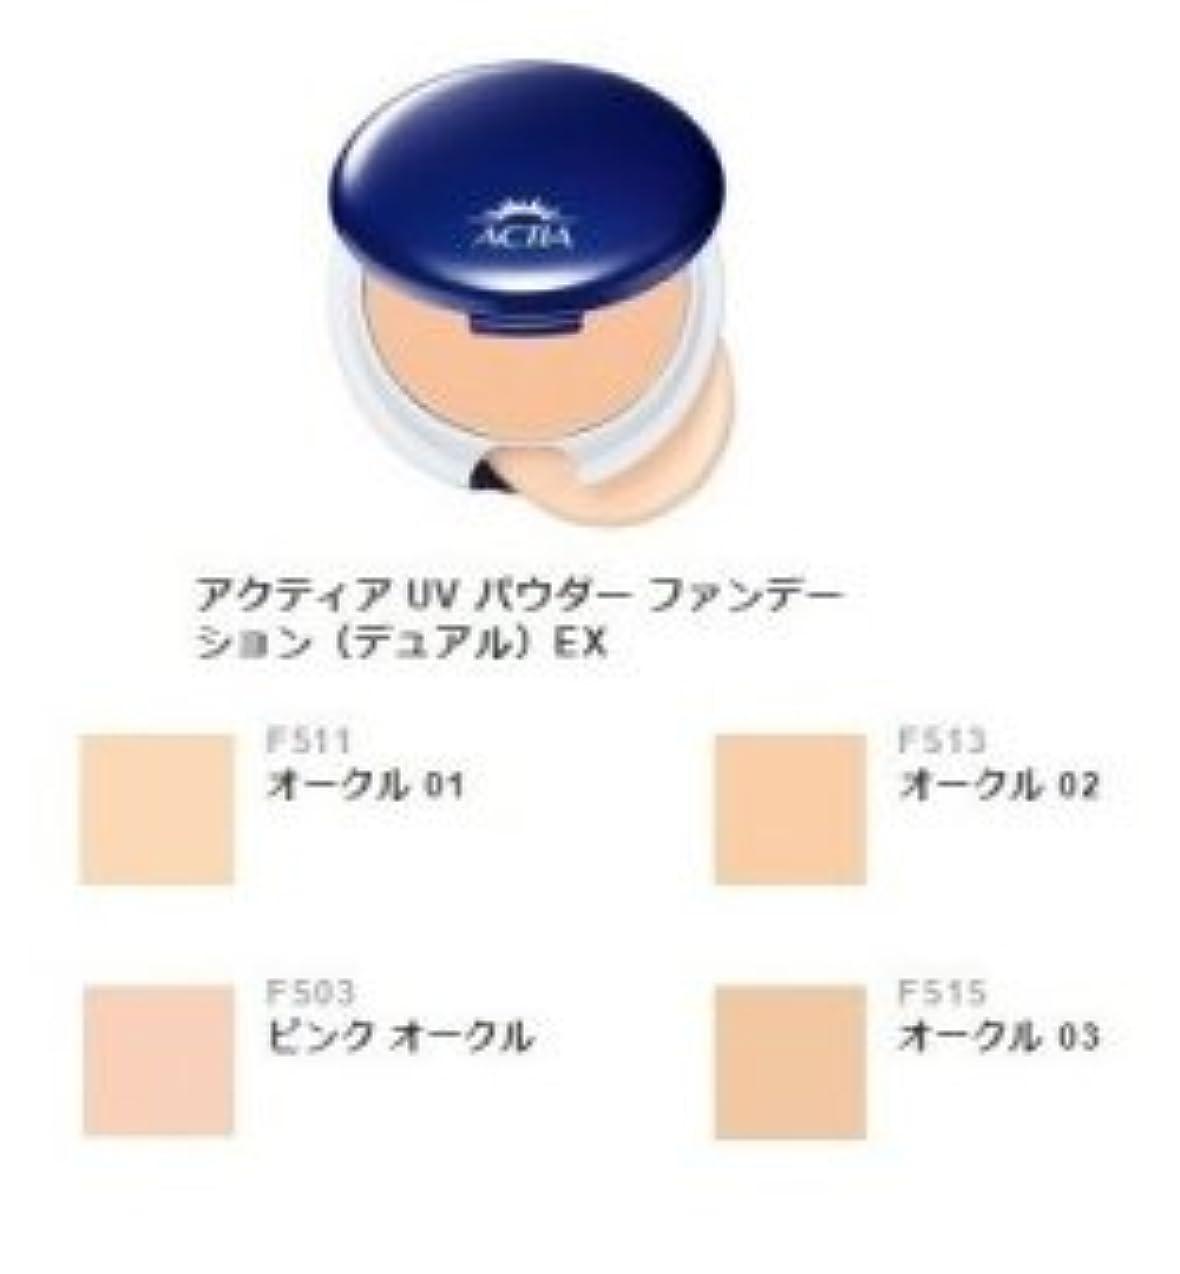 エイボン(AVON) アクティア UV パウダーファンデーション(デュアル)EX(リフィル) F511 オークル01